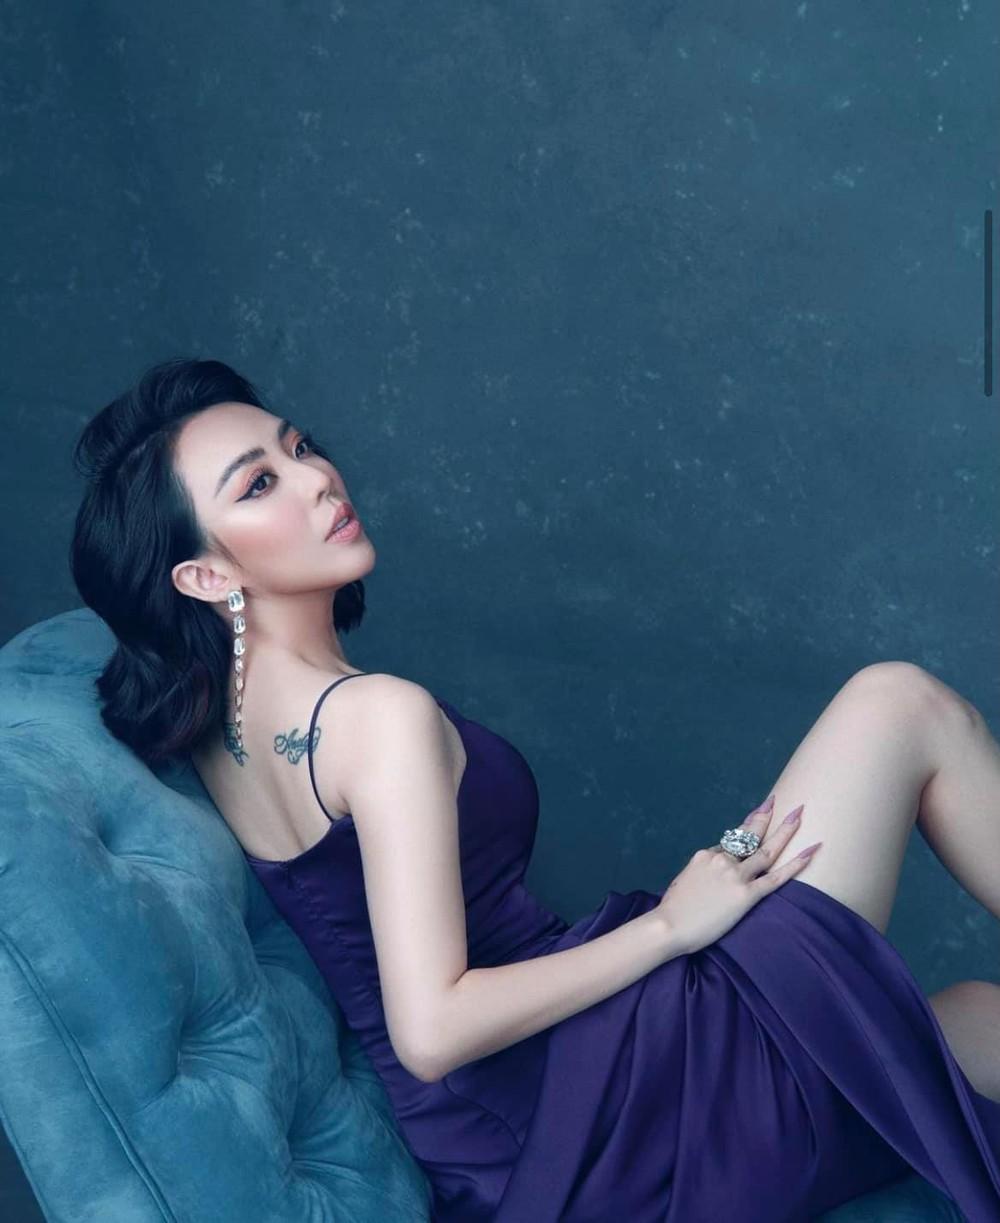 Bất ngờ với vẻ đẹp gợi cảm của Hoa hậu làng hài - Ảnh 3.